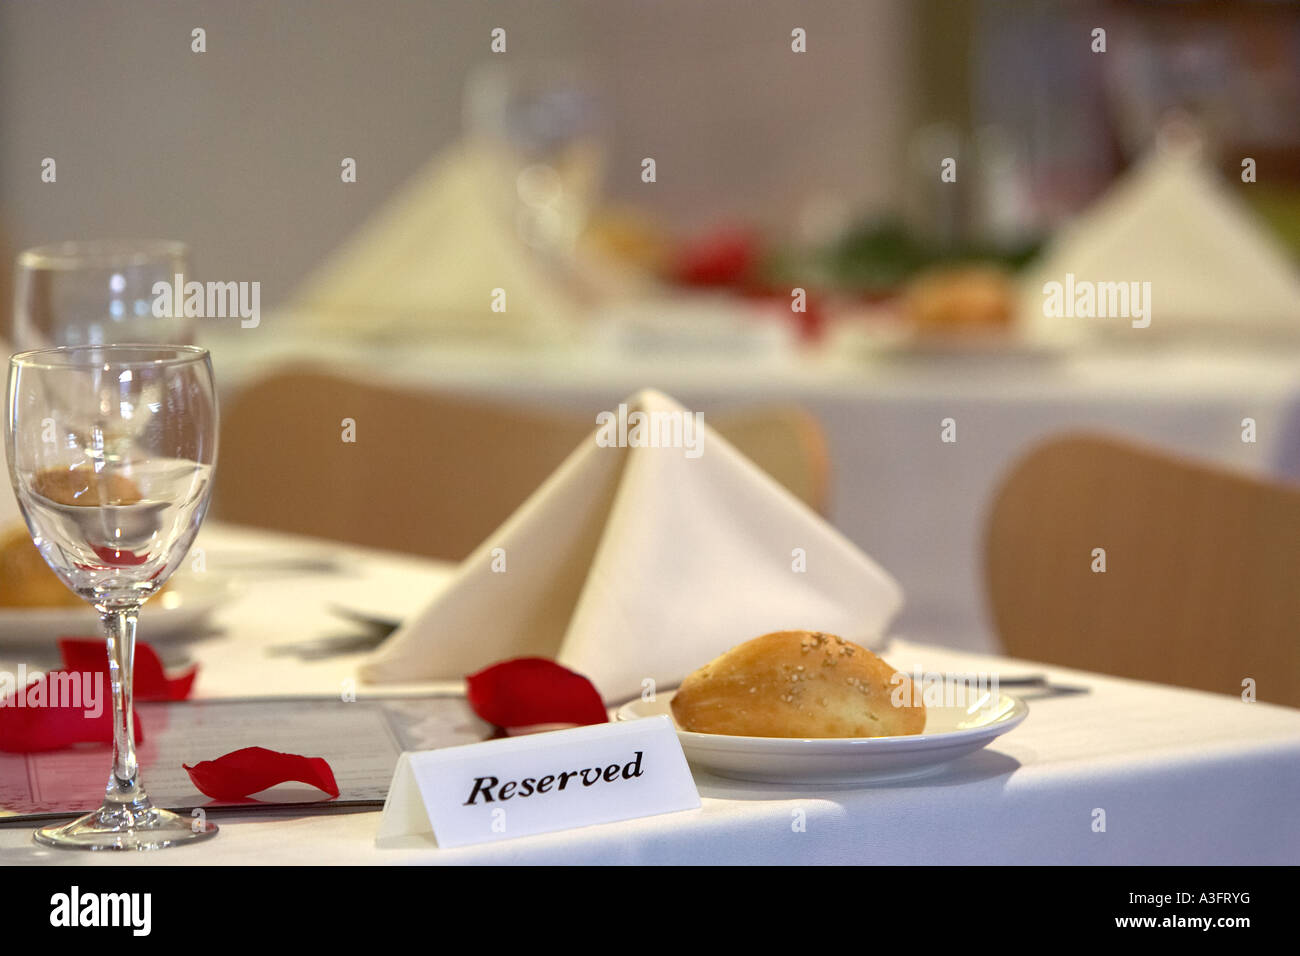 Wunderbar Tischzelte Vorlagen Bilder - Beispiel Wiederaufnahme ...